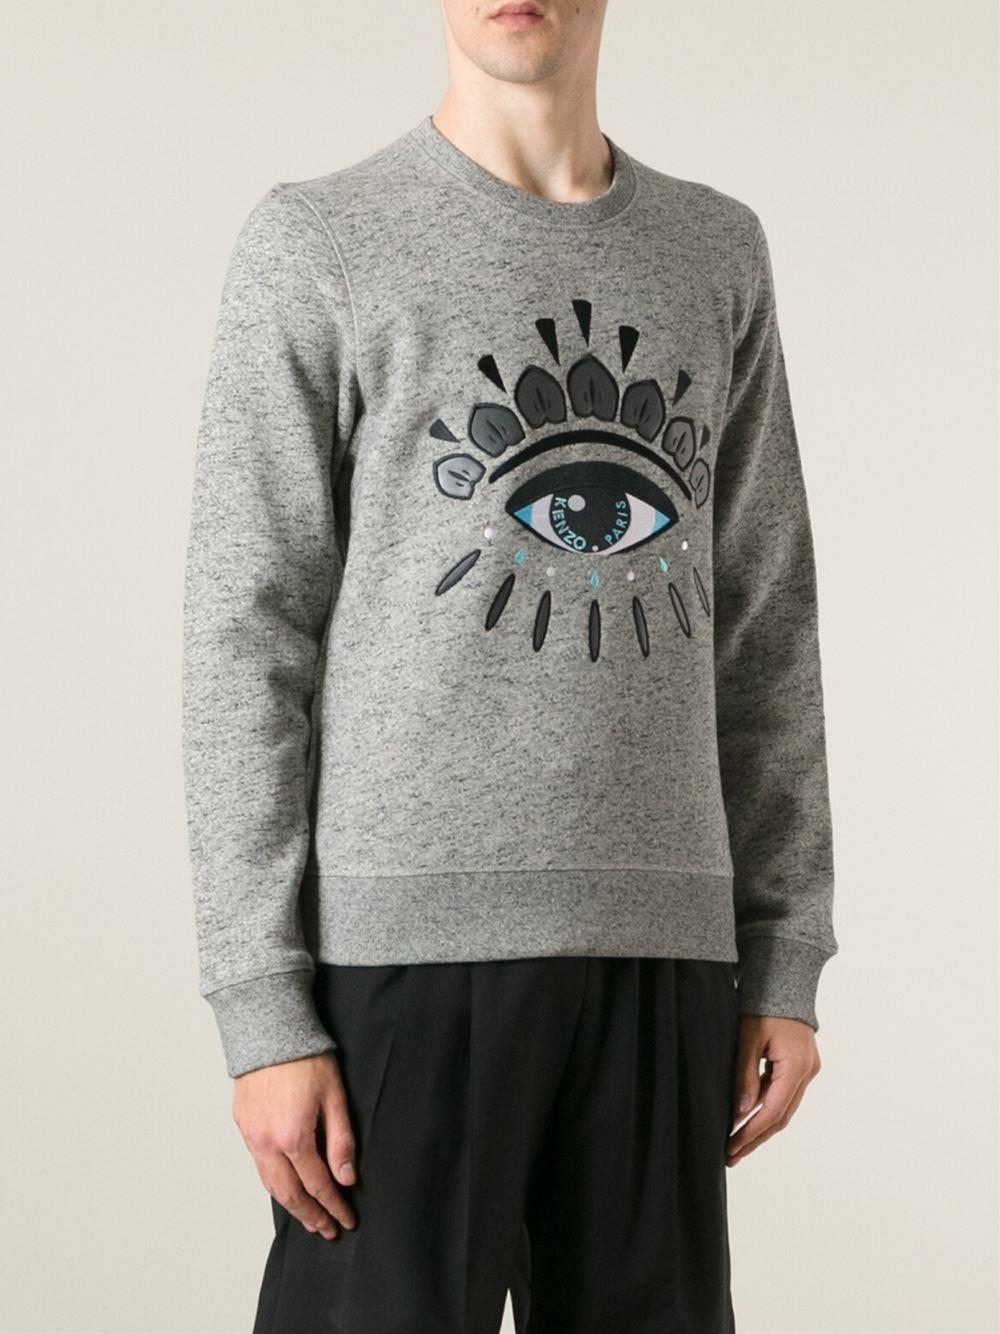 7765de9b6 KENZO Eye Cotton Sweatshirt in Gray for Men - Lyst